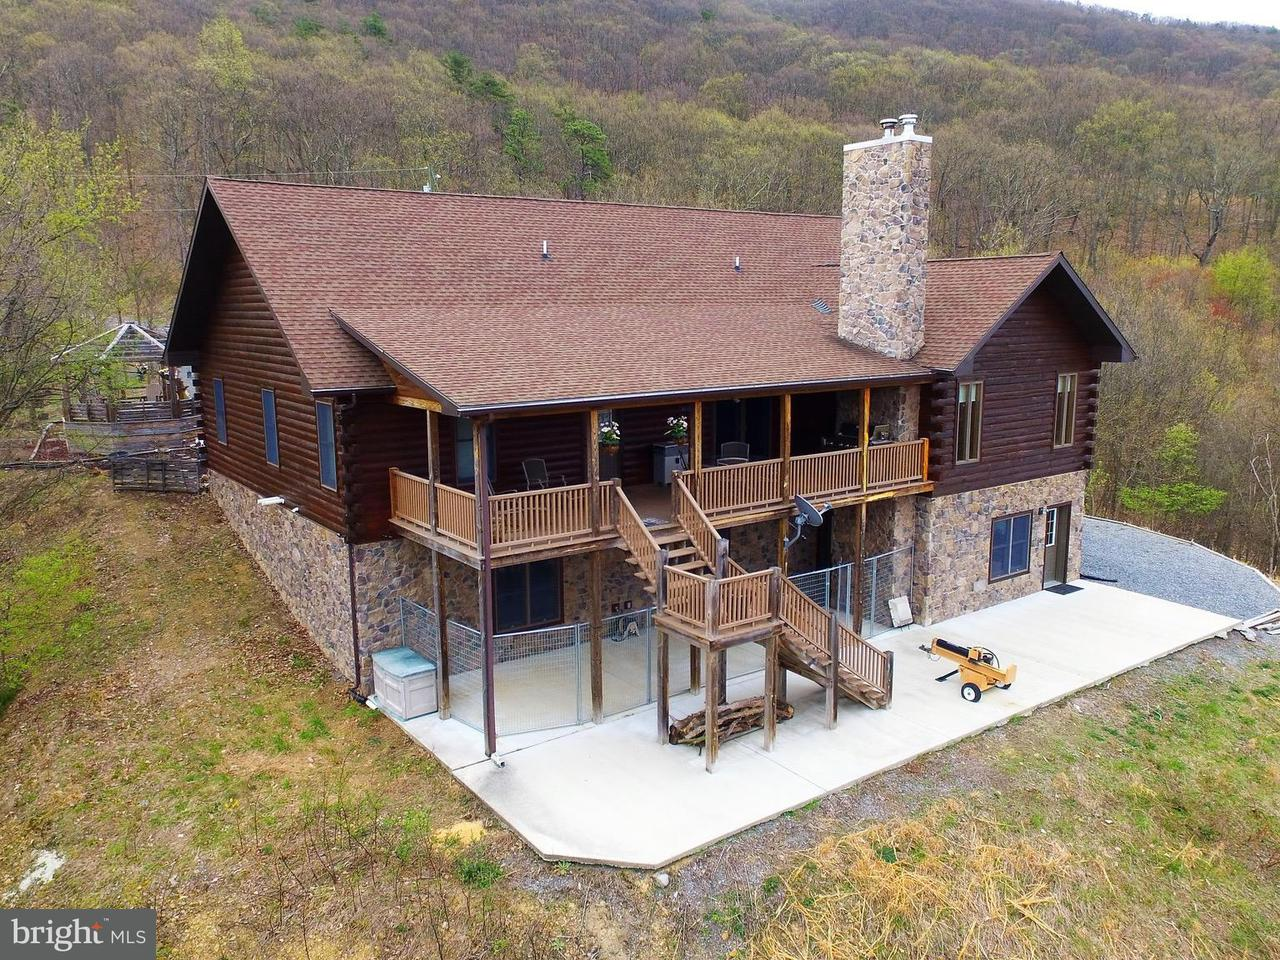 단독 가정 주택 용 매매 에 684 Scarlet Oak Drive 684 Scarlet Oak Drive Moorefield, 웨스트버지니아 26836 미국